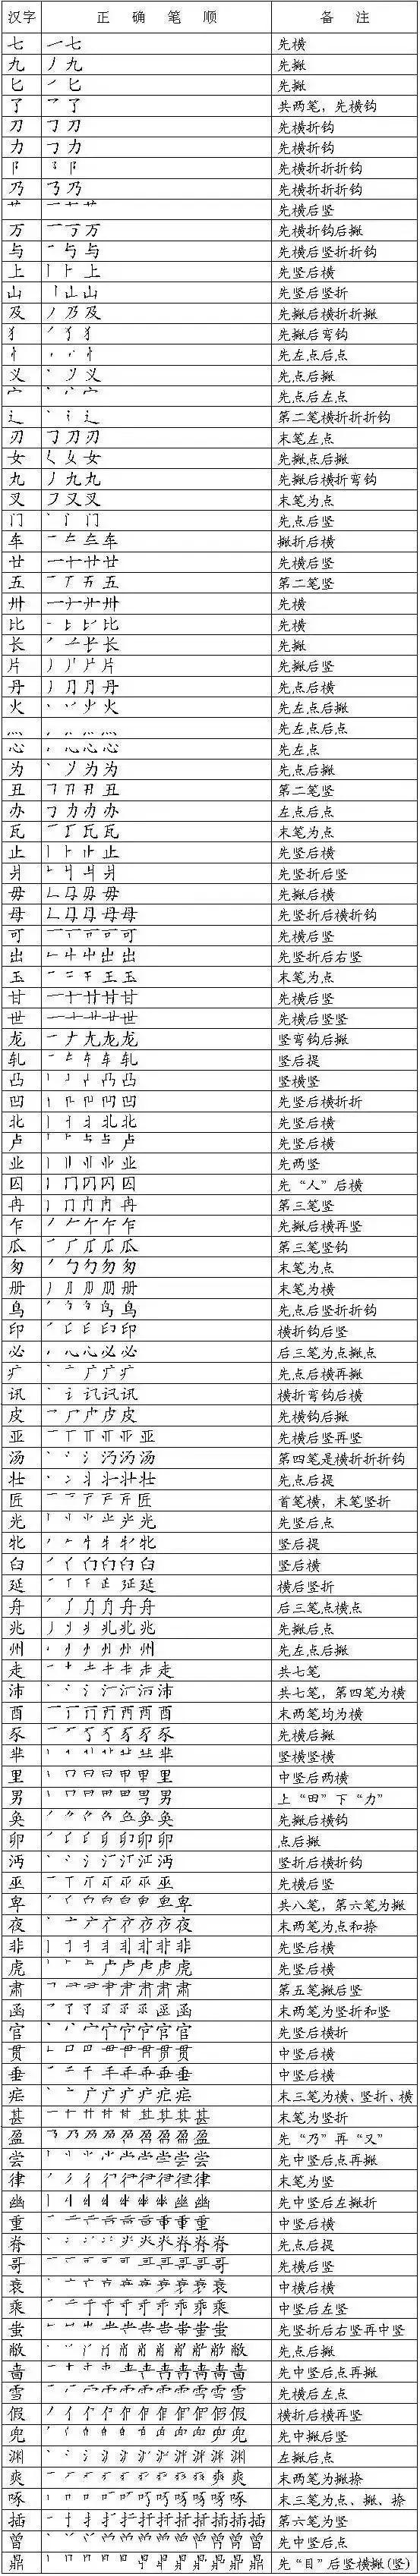 汉字笔顺规则大汇总